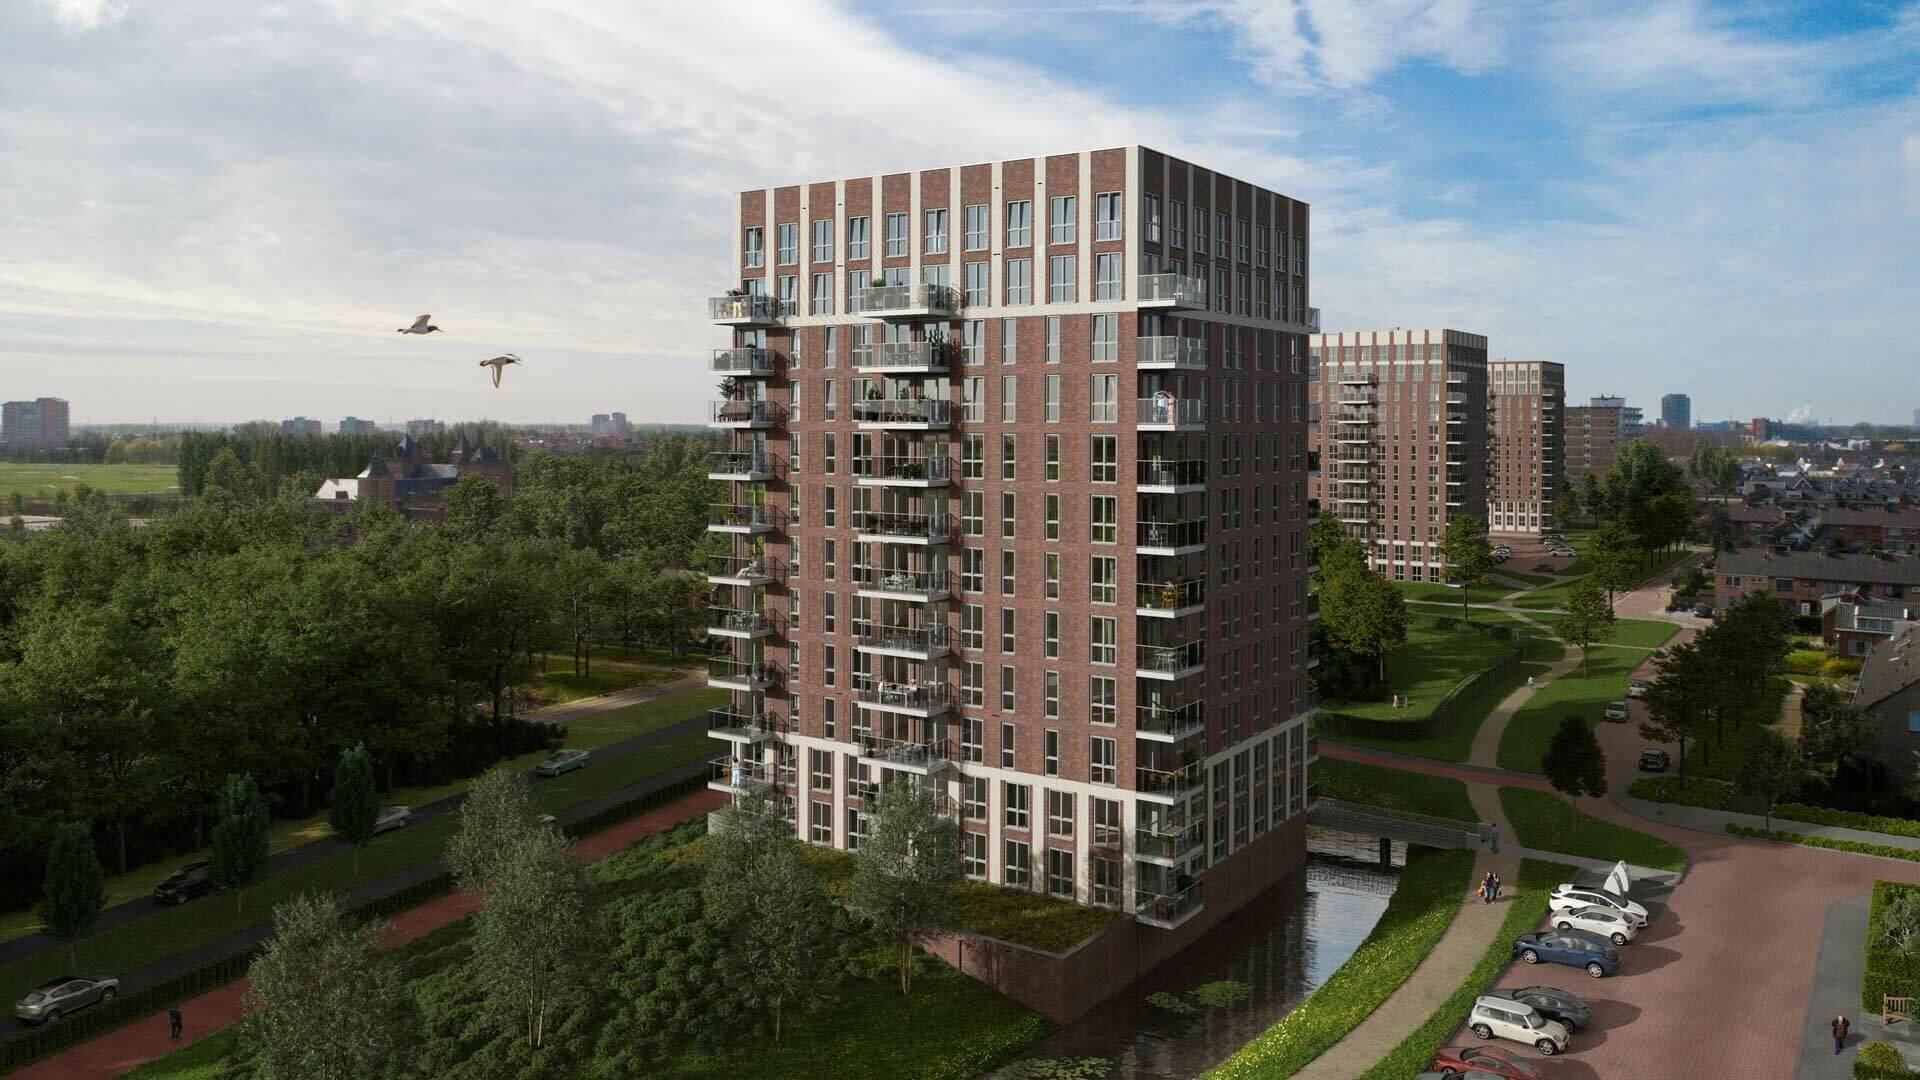 De Slotvrouwe Heemskerk - Torens - yoreM Verovert Online